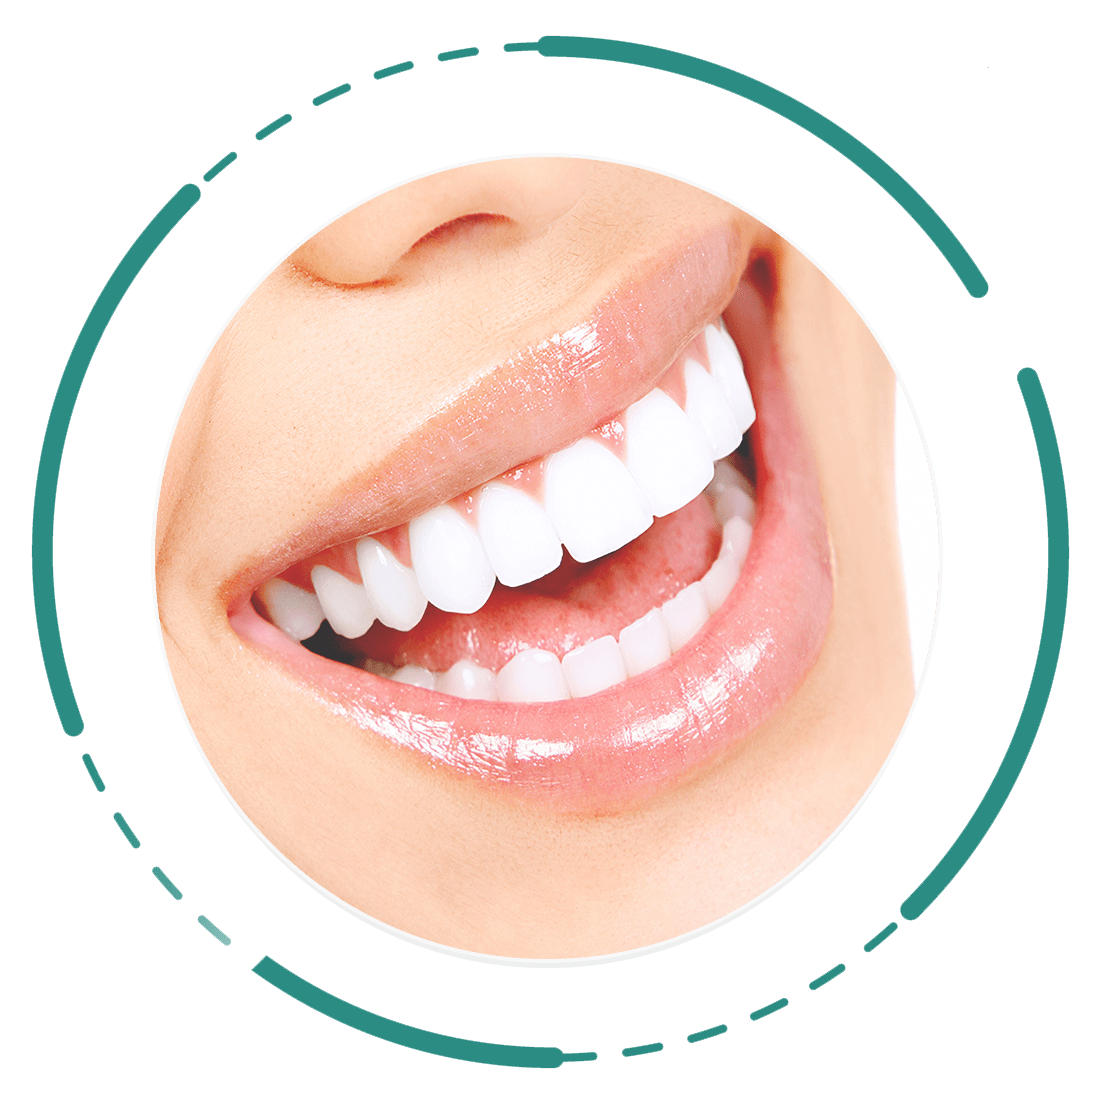 روش دندانپزشکی زیبایی